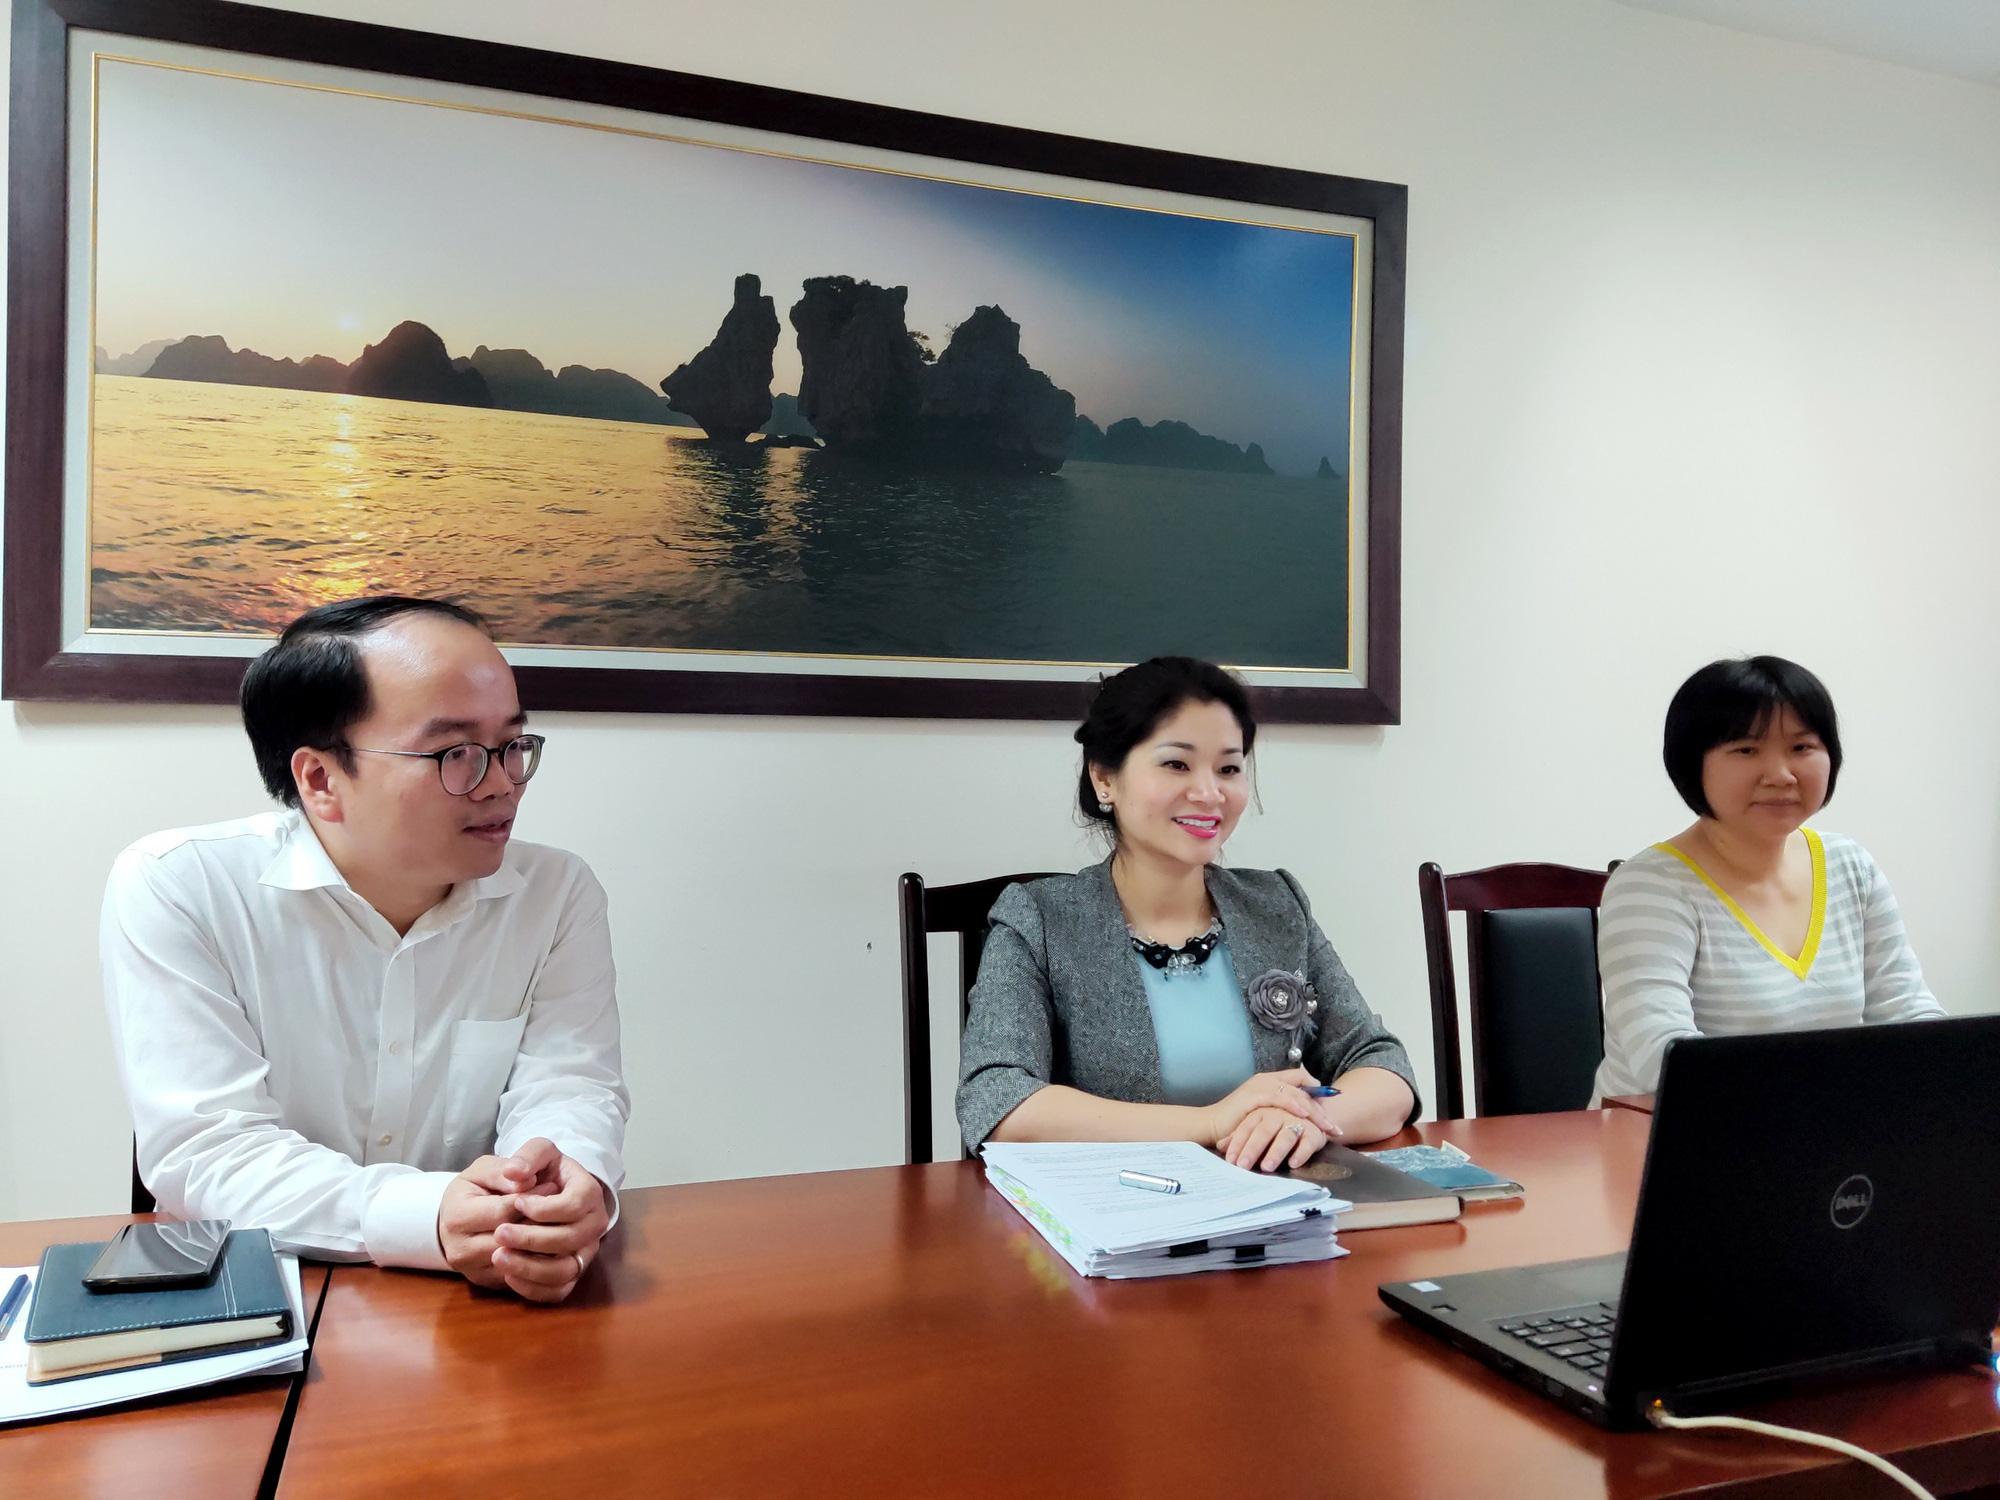 Cục trưởng Cục Hợp tác quốc tế Nguyễn Phương Hòa tham dự  Hội nghị lần thứ 167 Đại hội đồng Tổ chức Triển lãm Thế giới - Ảnh 1.